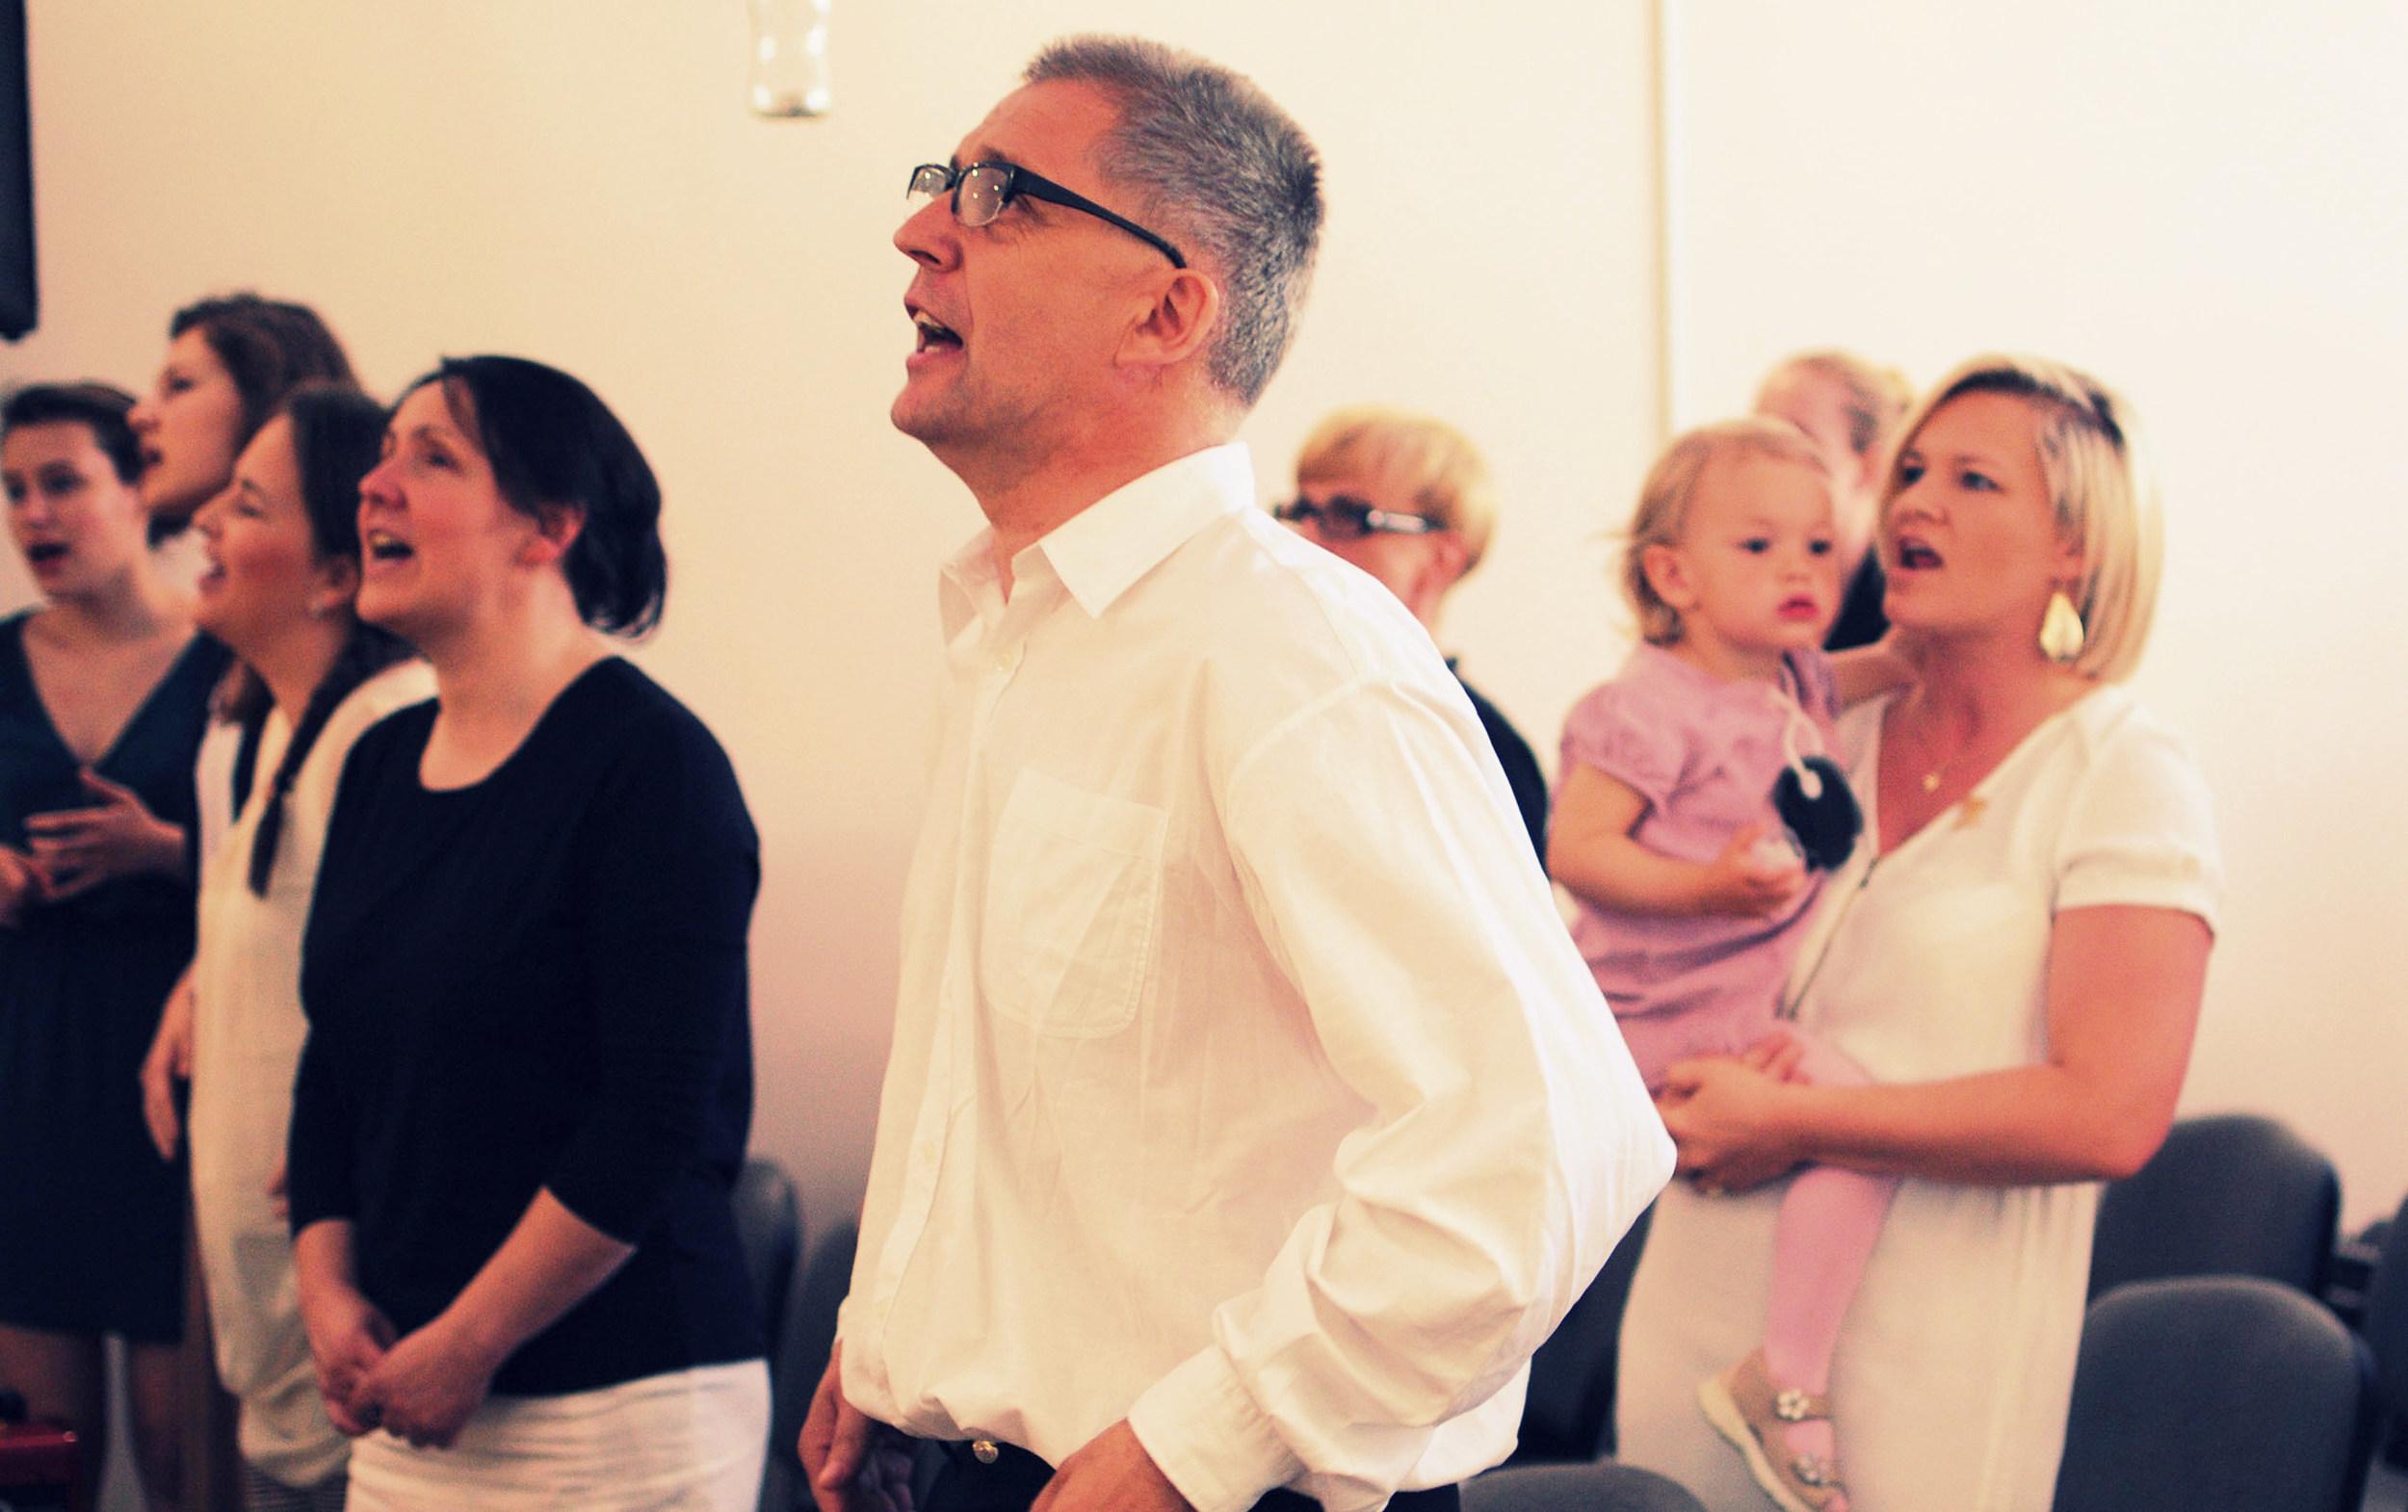 wspólny śpiew ku chwale naszego Pana i Zbawiciela